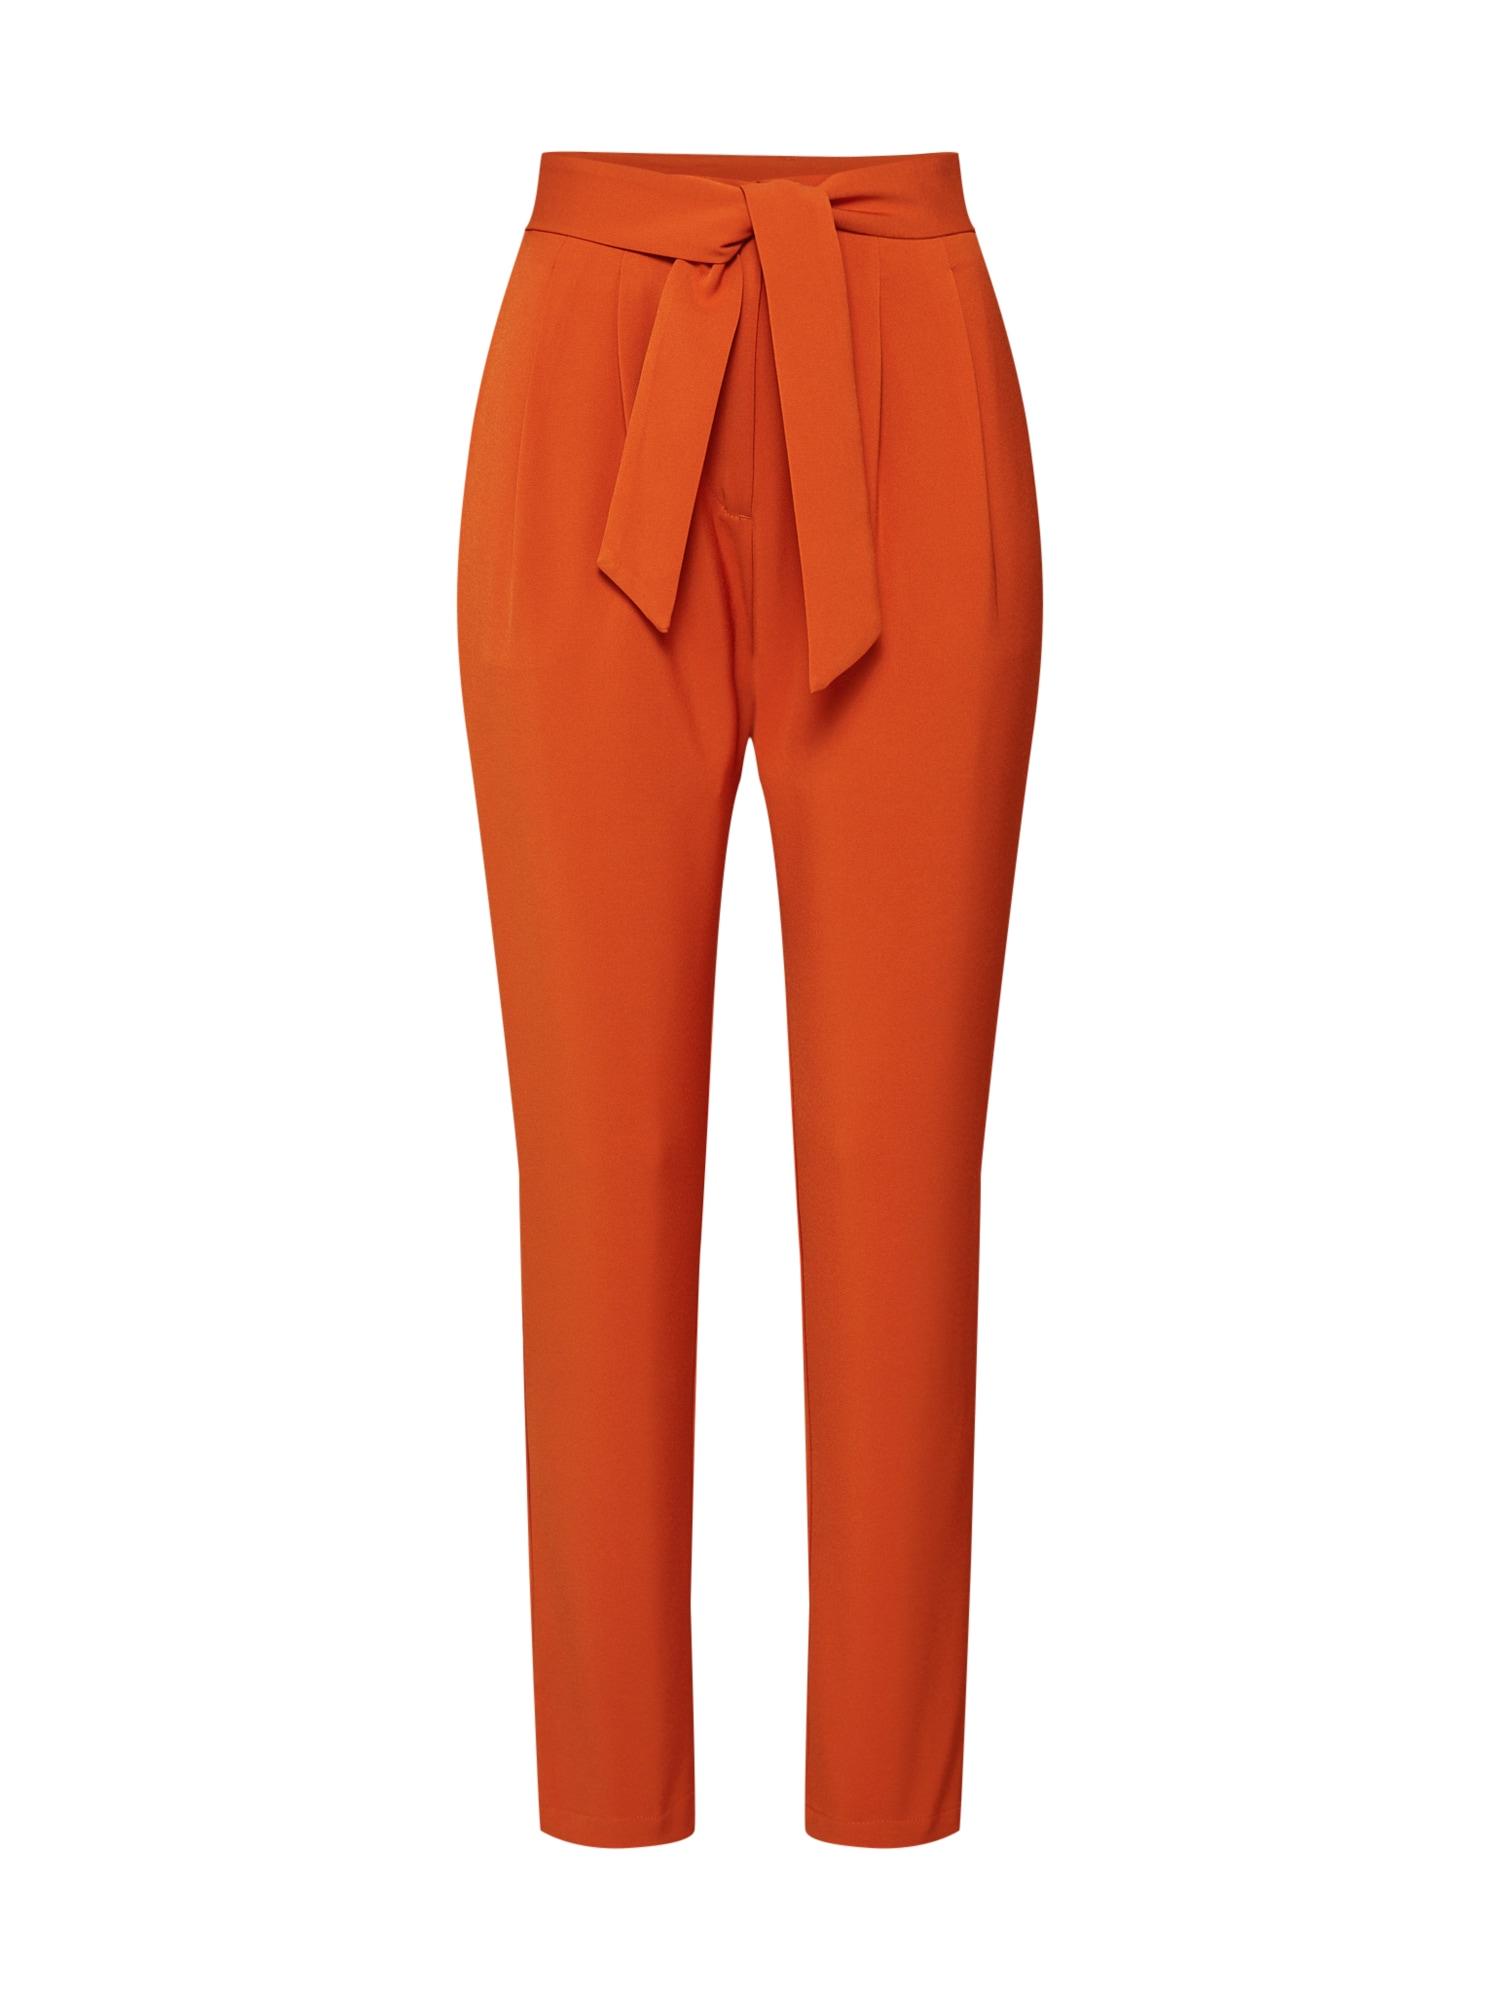 4th & Reckless Klostuotos kelnės 'Jimmy Trousers' oranžinė